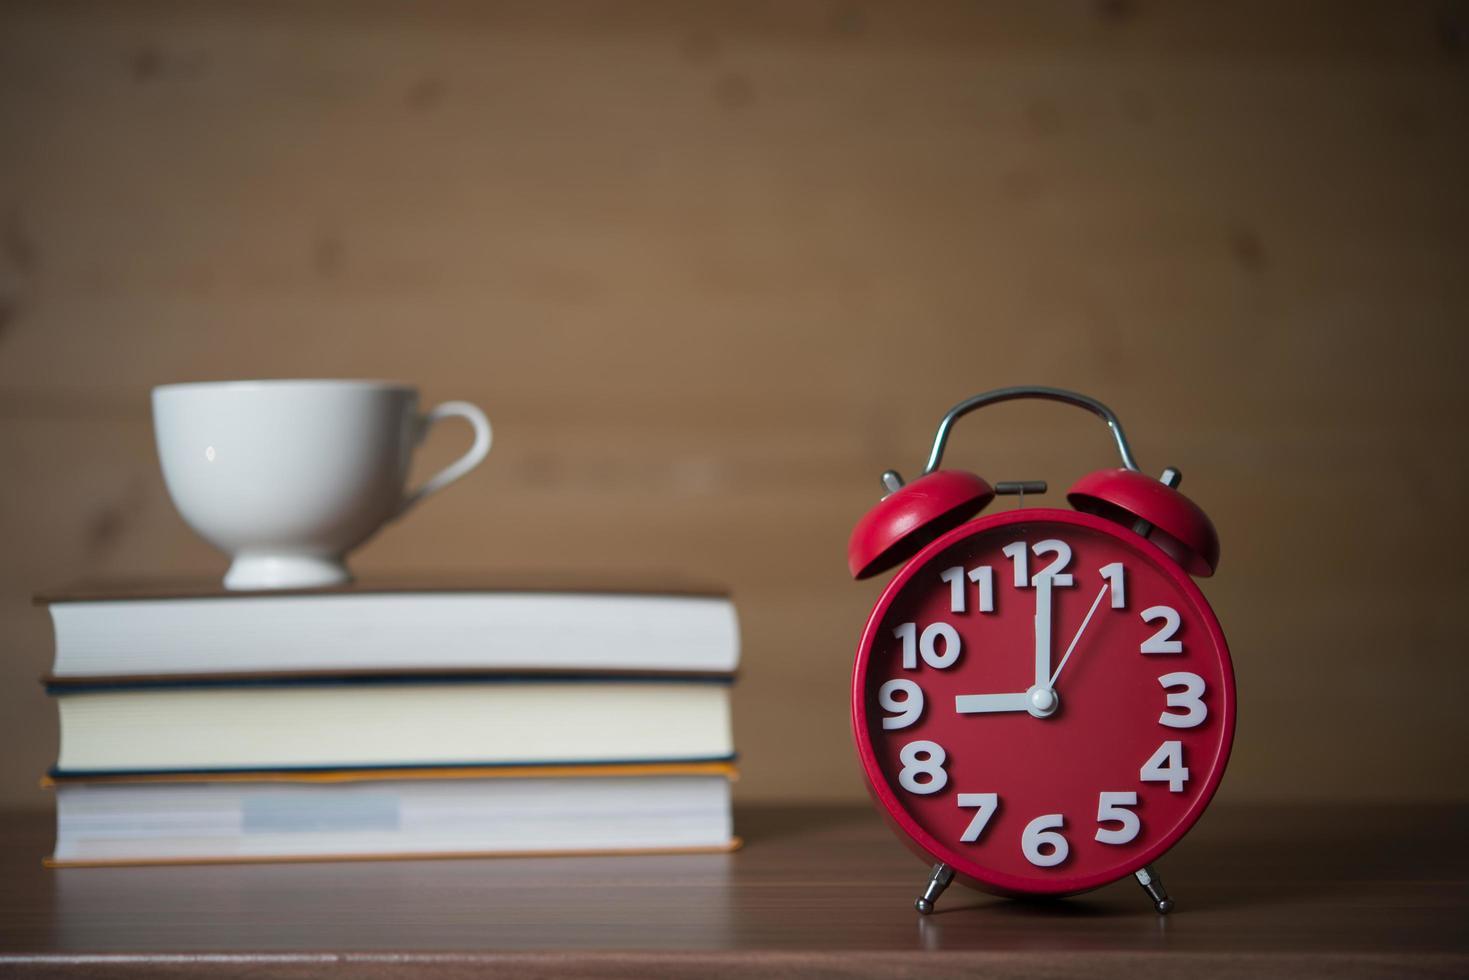 sveglia alle 9 e una pila di libri con caffè foto